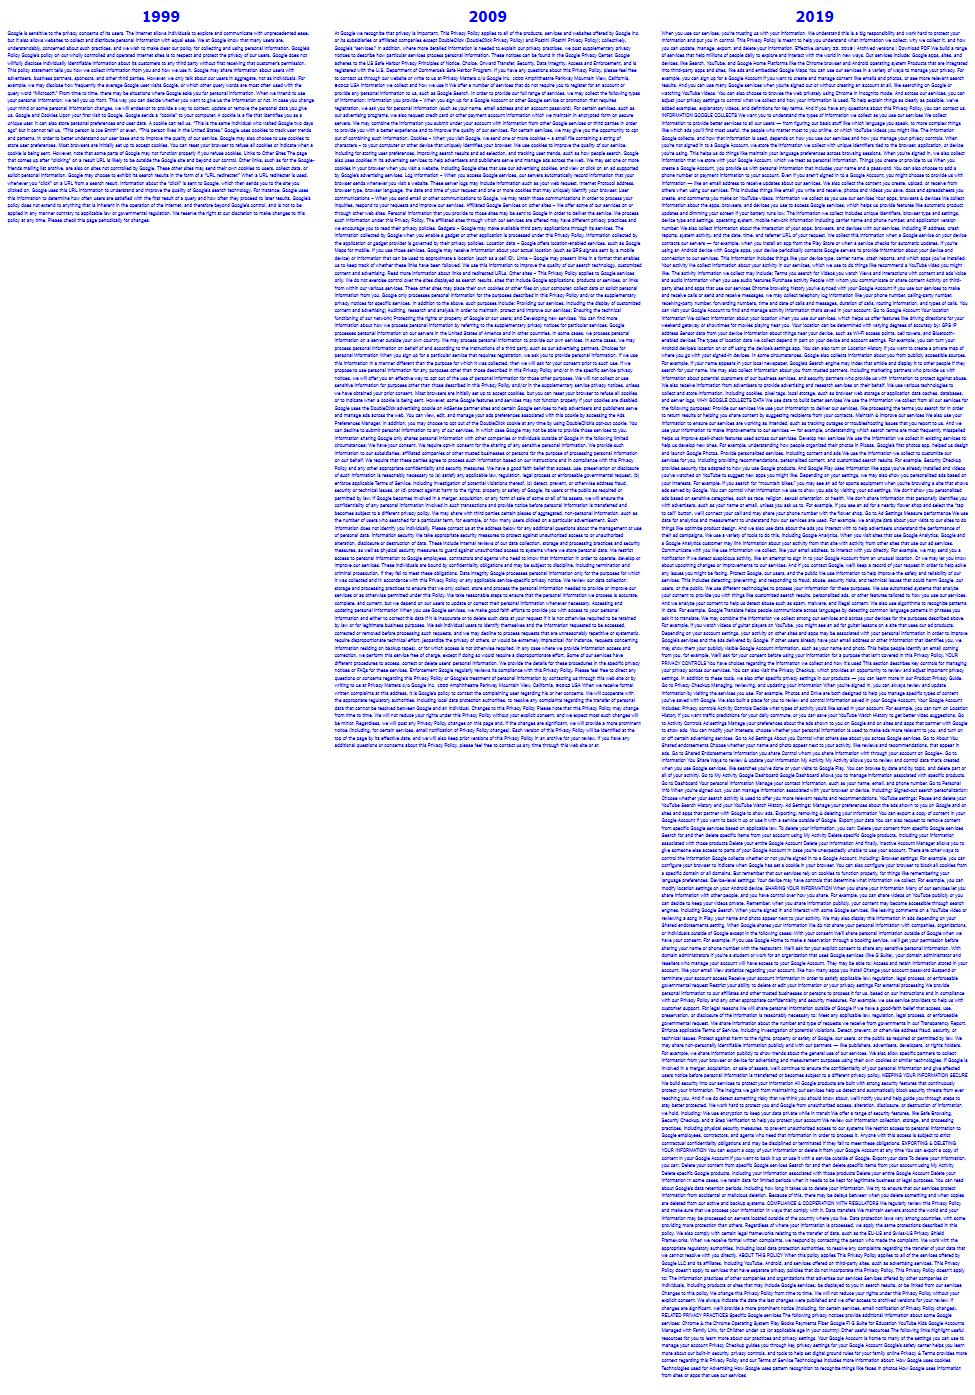 Тайная история интернета в политике конфиденциальности от Google, состоящей из 4000 слов - 2